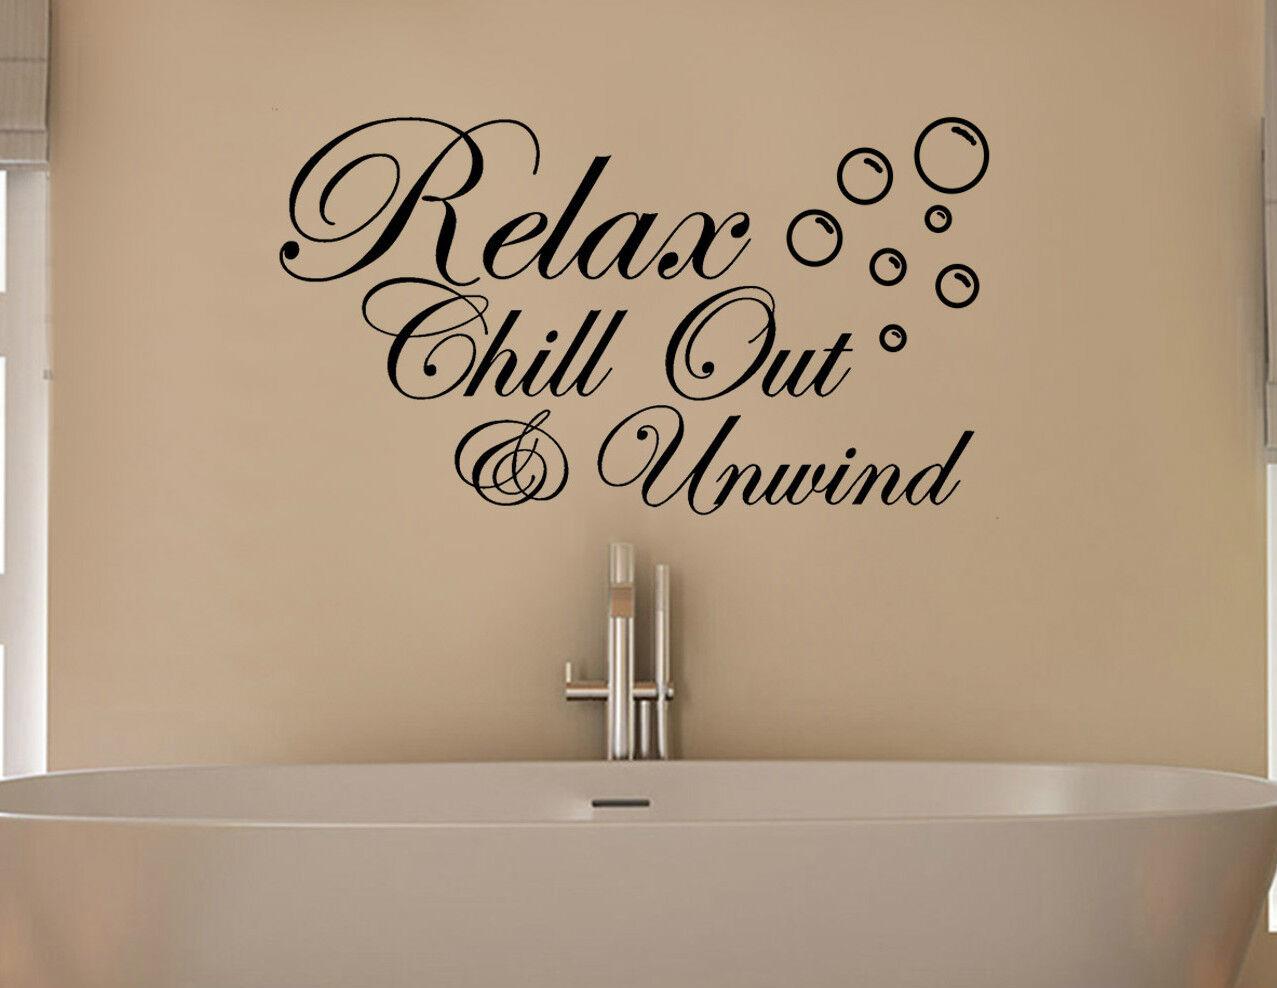 Rilassa Rilassarsi Rilassamento e Rilassarsi Rilassa Bolle Borsano Doccia Borsano Decalcomania 3fb704